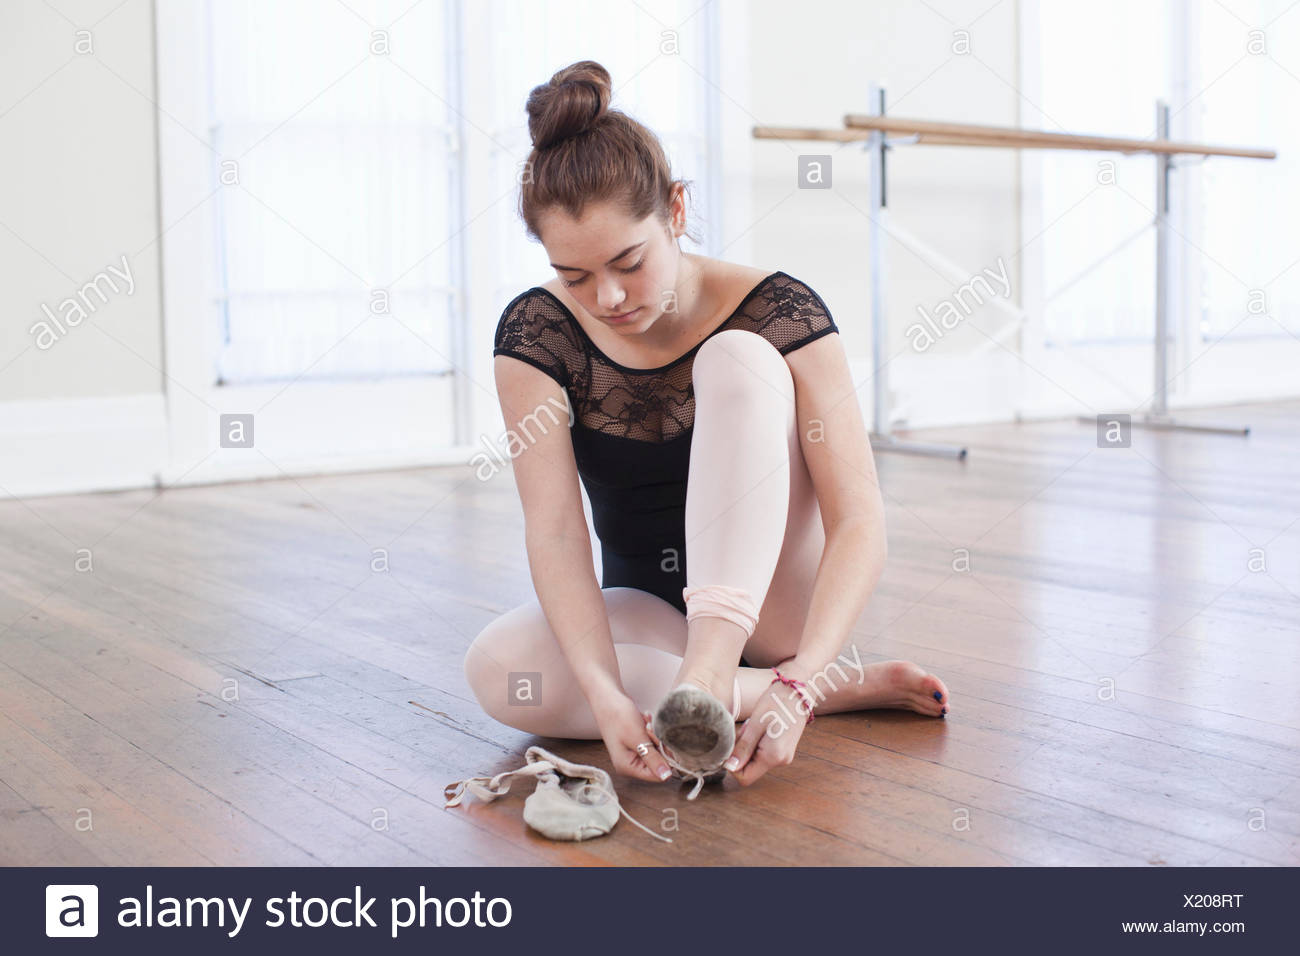 Teenager-Mädchen Ballettschuhe Ballettschule zu binden Stockbild